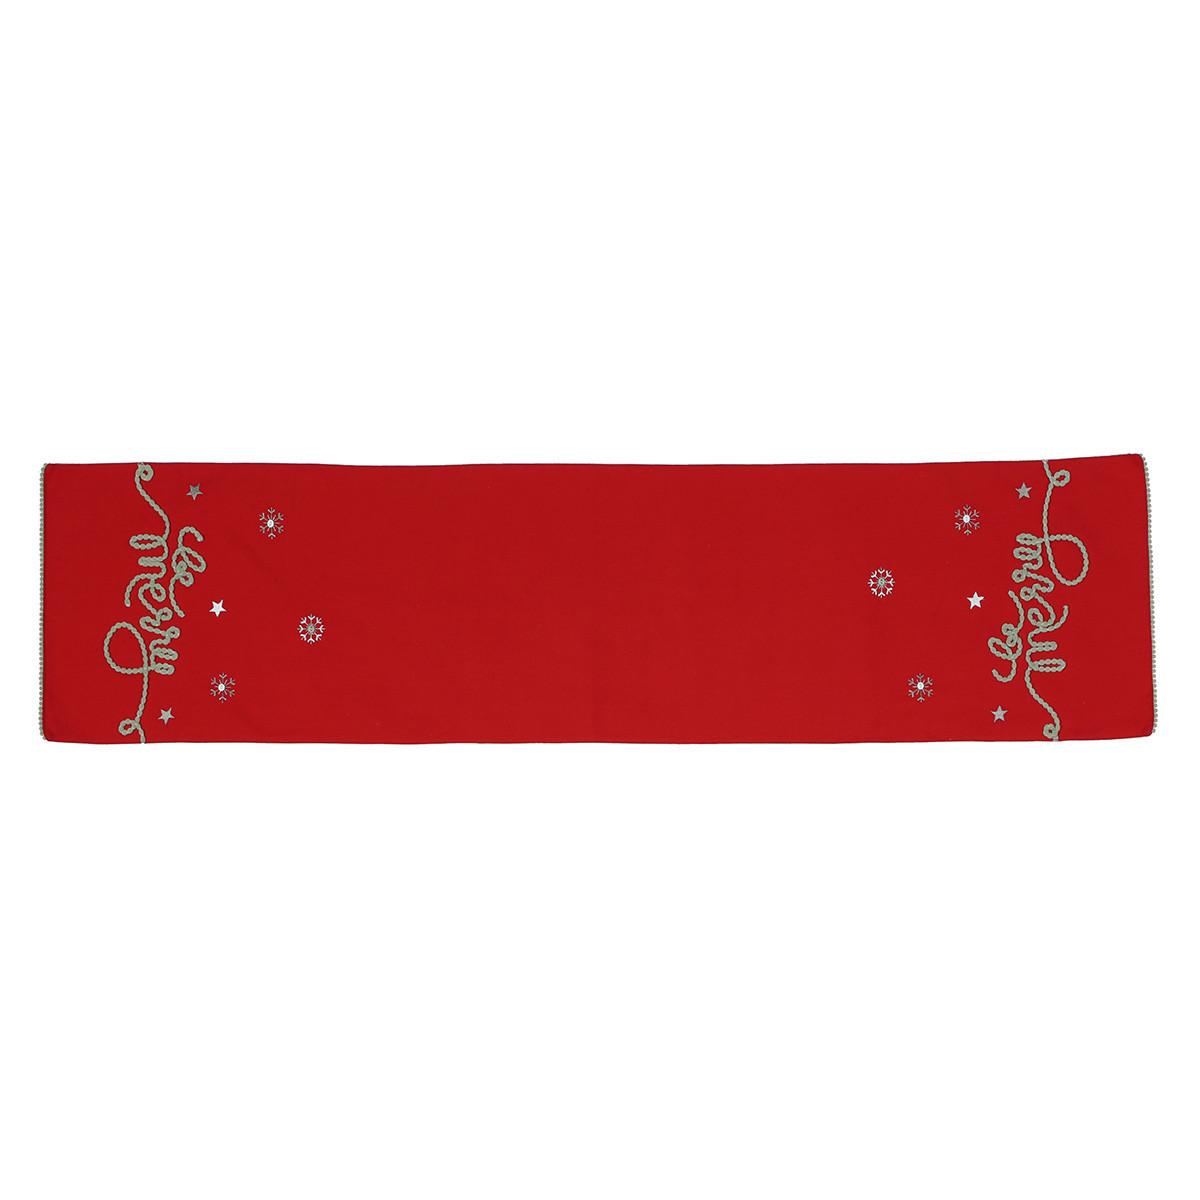 Χριστουγεννιάτικη Τραβέρσα Nef-Nef Be Merry home   χριστουγεννιάτικα   χριστουγεννιάτικες τραβέρσες